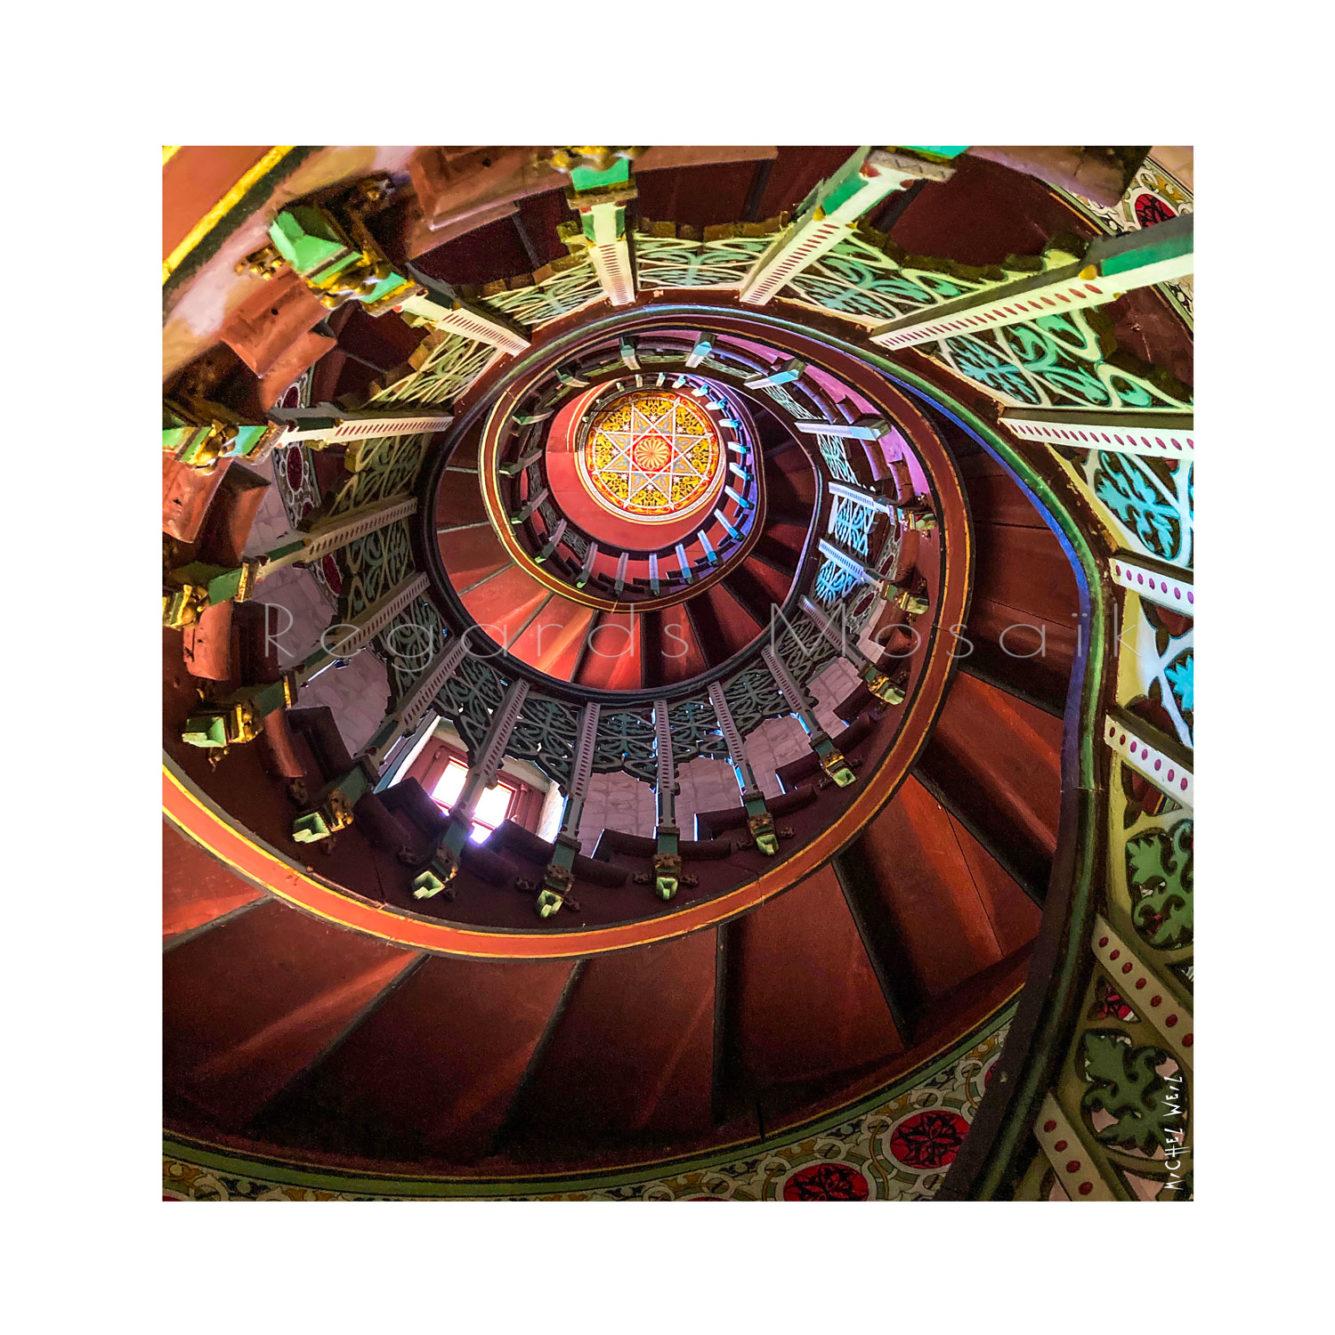 Escalier au château d'Abbadia